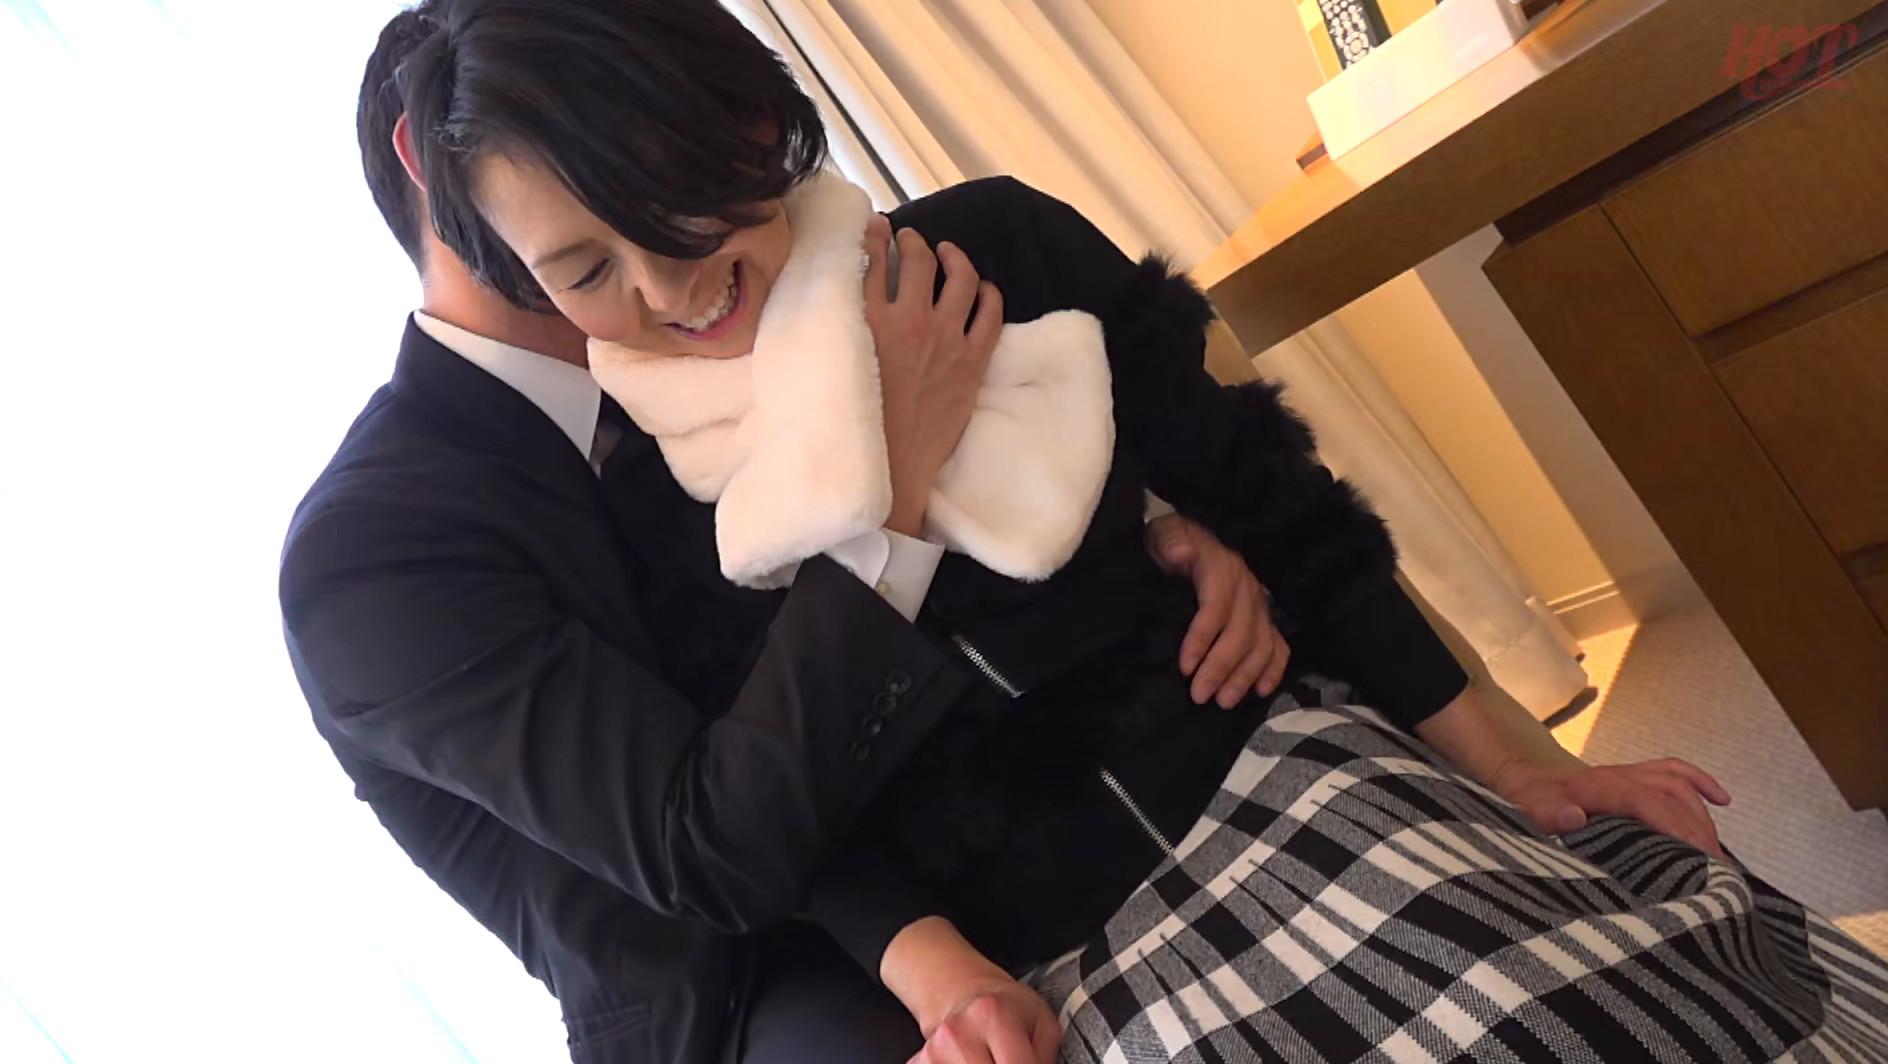 素敵な婦人 息子に会いに上京したはずなのに・・・イケメンナンパ師のテクにメロメロ 光代さん49歳 画像8